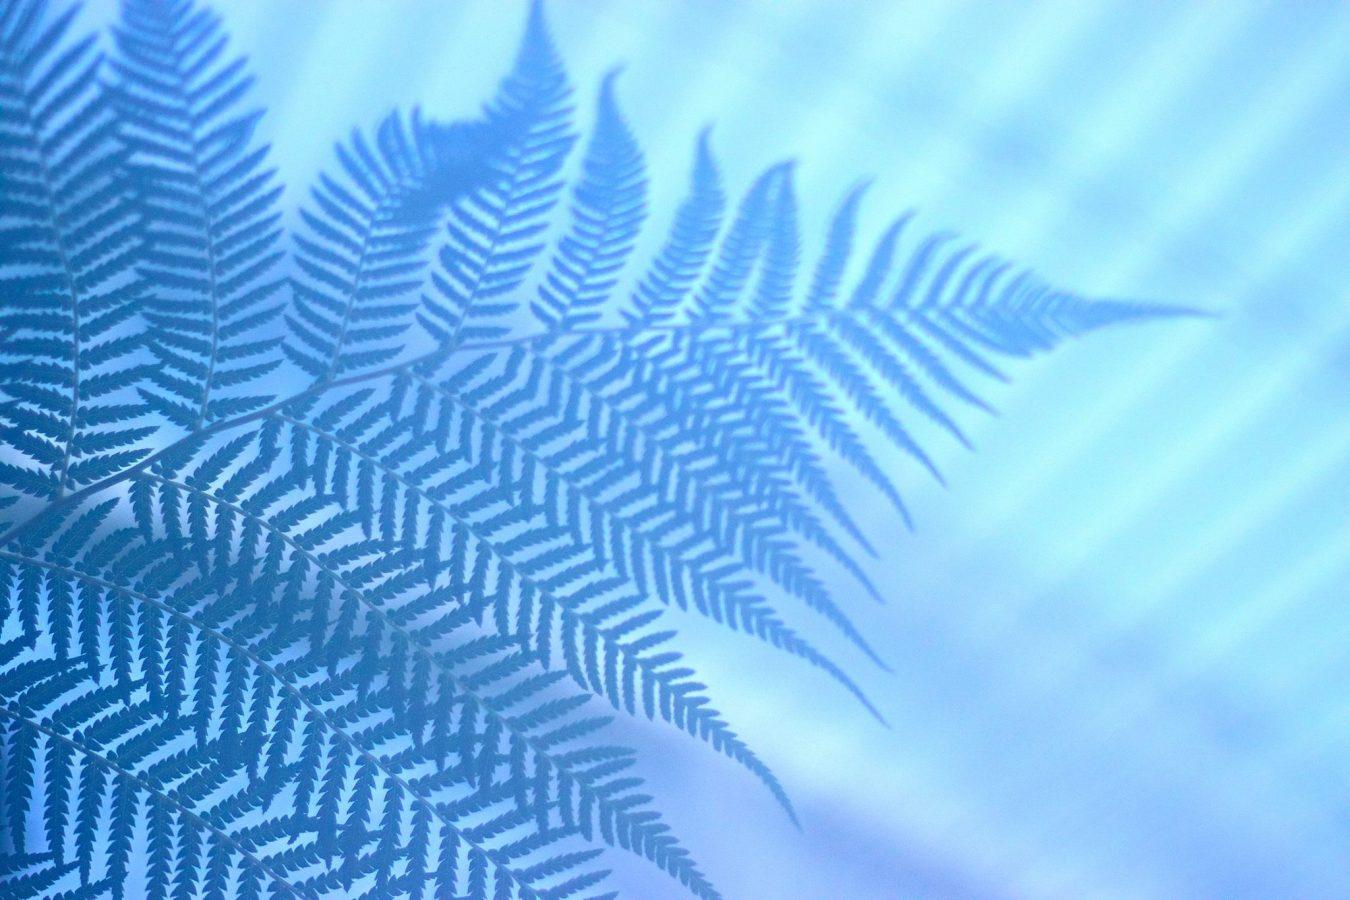 Tree fern in the Kibble Palace